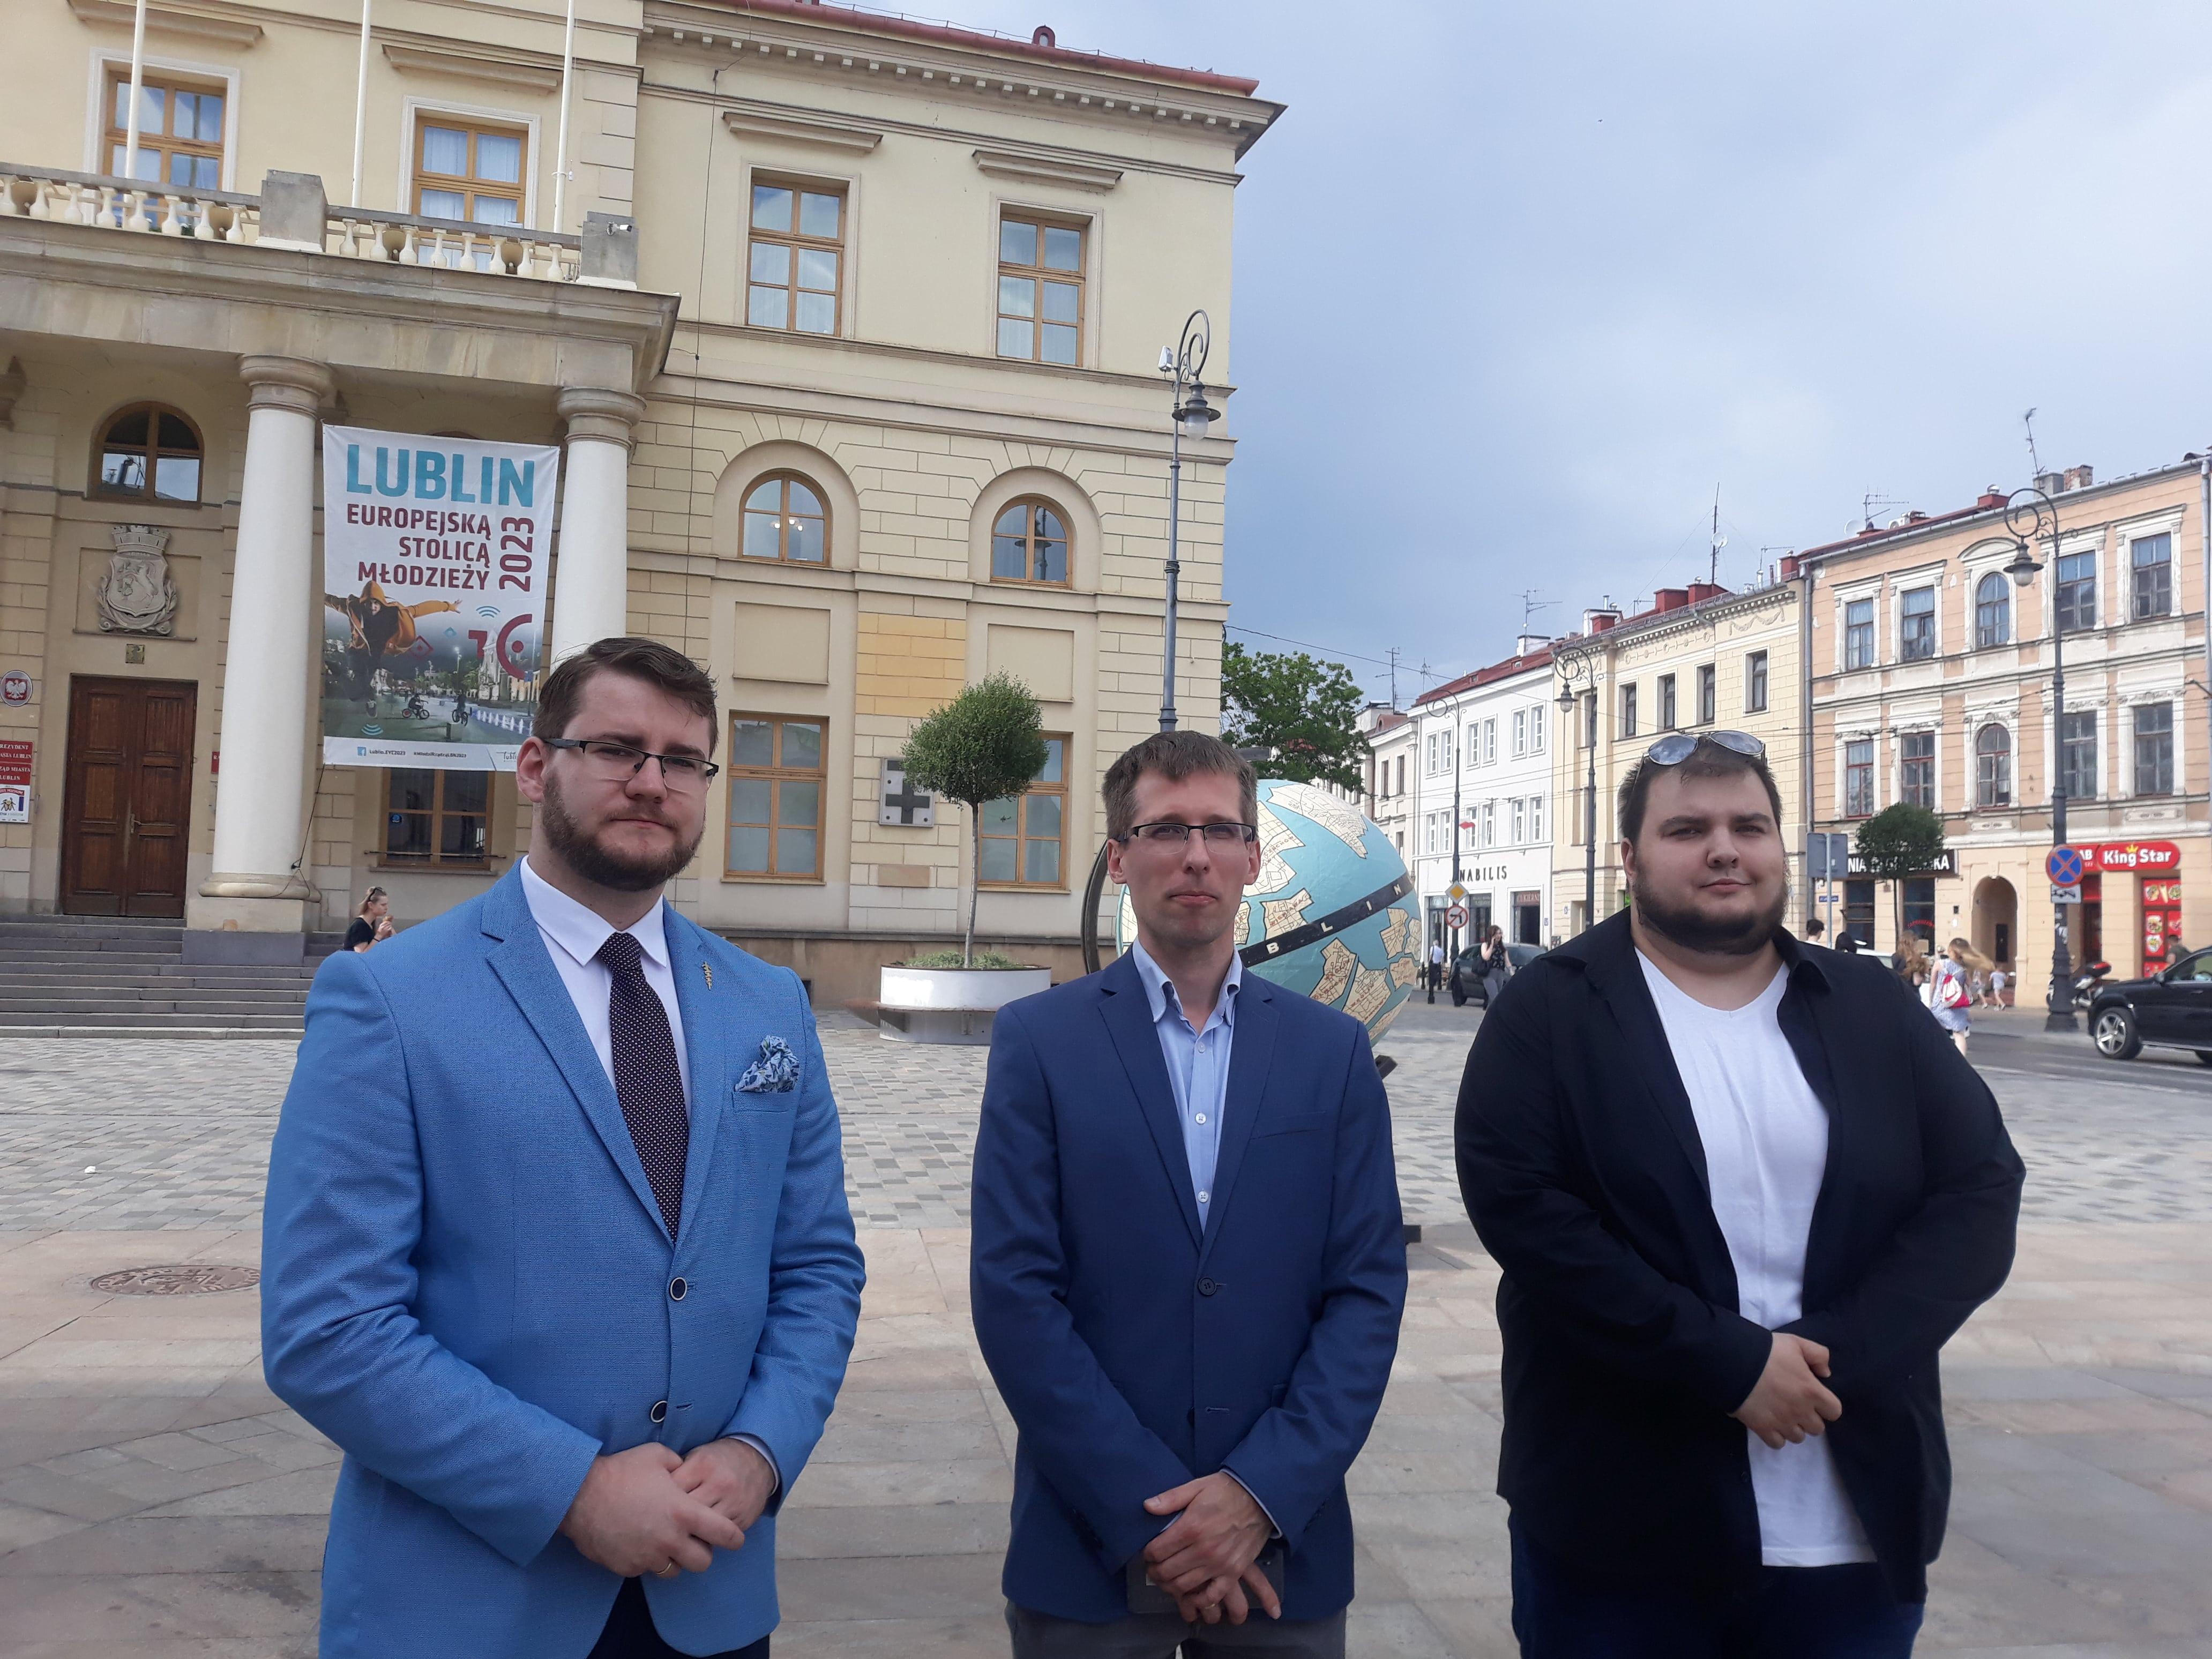 """Lublin: petycja """"Pilnuj budżetu"""" środowisk narodowych i pro-life. Radni wydali opinię [WIDEO] - Zdjęcie główne"""